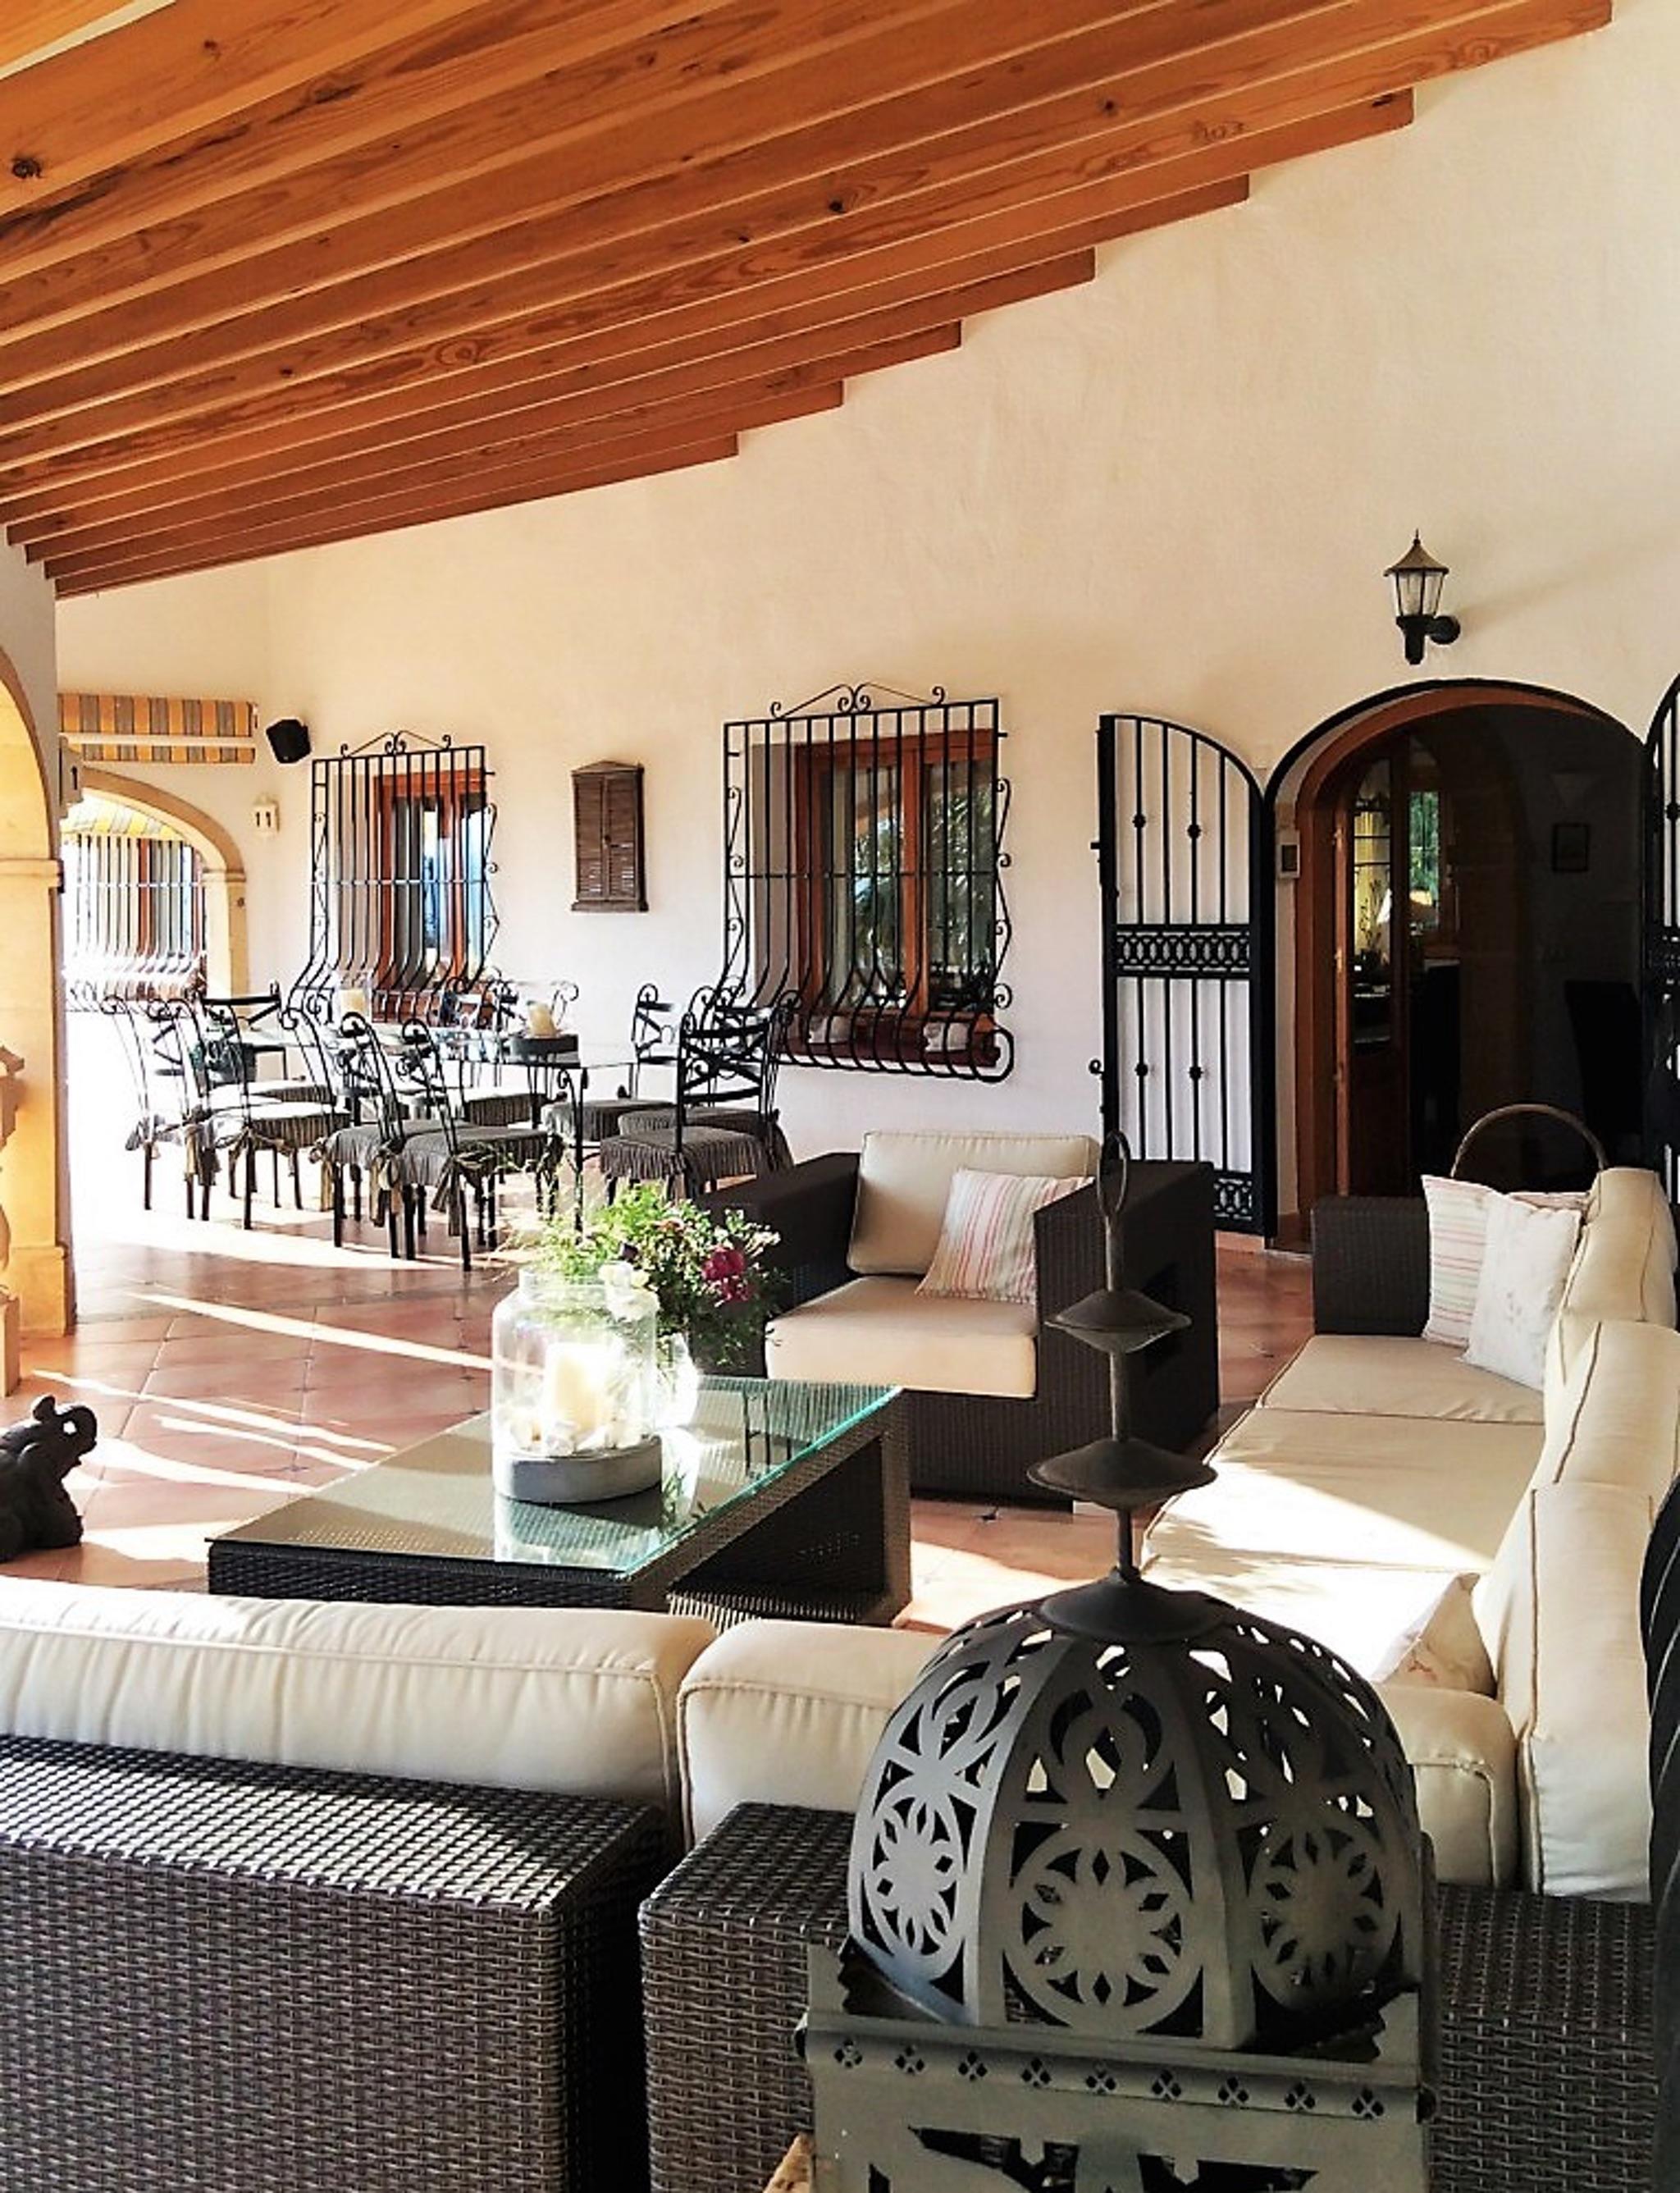 Ferienhaus Geräumige Villa mit fünf Schlafzimmer in Javea mit möblierter Terrasse, Pool und toller Au (2201168), Jávea, Costa Blanca, Valencia, Spanien, Bild 5